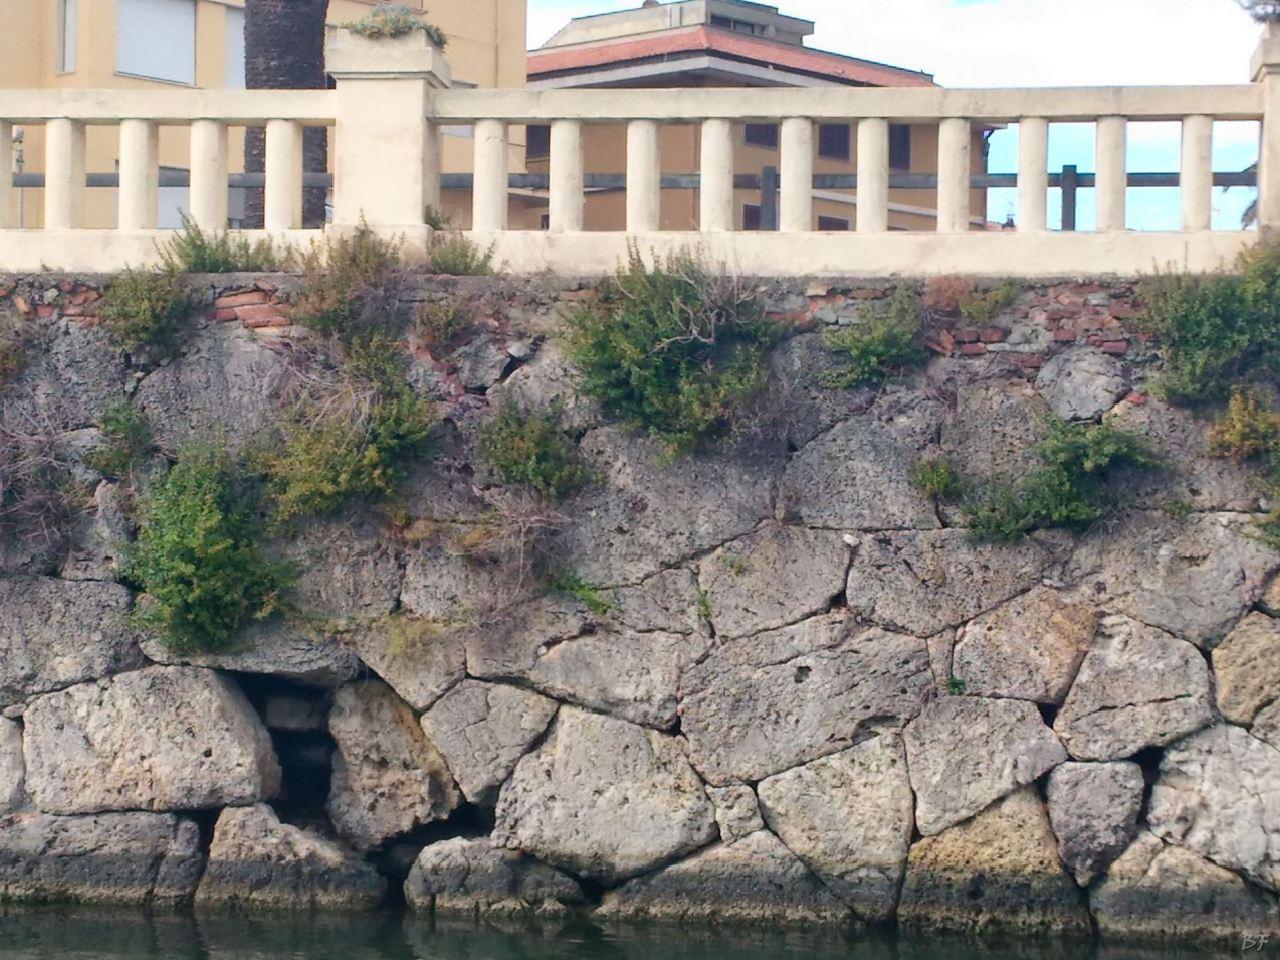 Orbetello-Mura-Poligonali-Megalitiche-Orbetello-Grosseto-Toscana-Italia-4